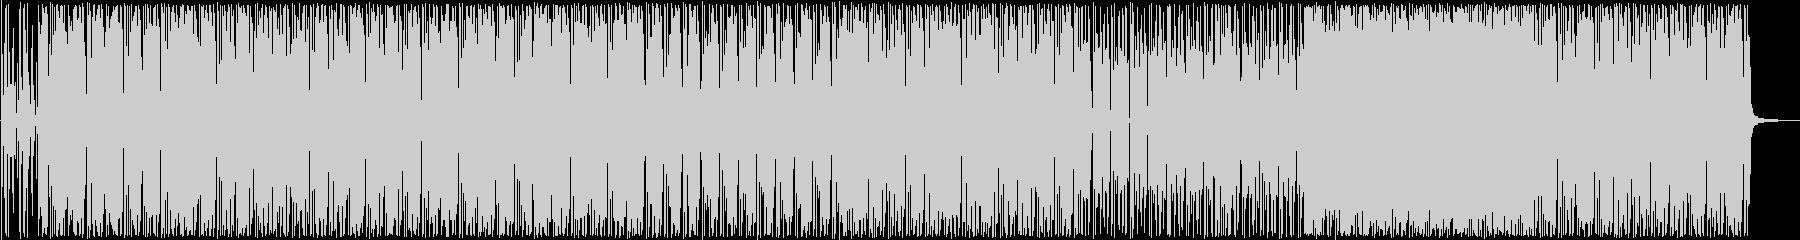 ファンキーなギター・ドラムサウンドの未再生の波形